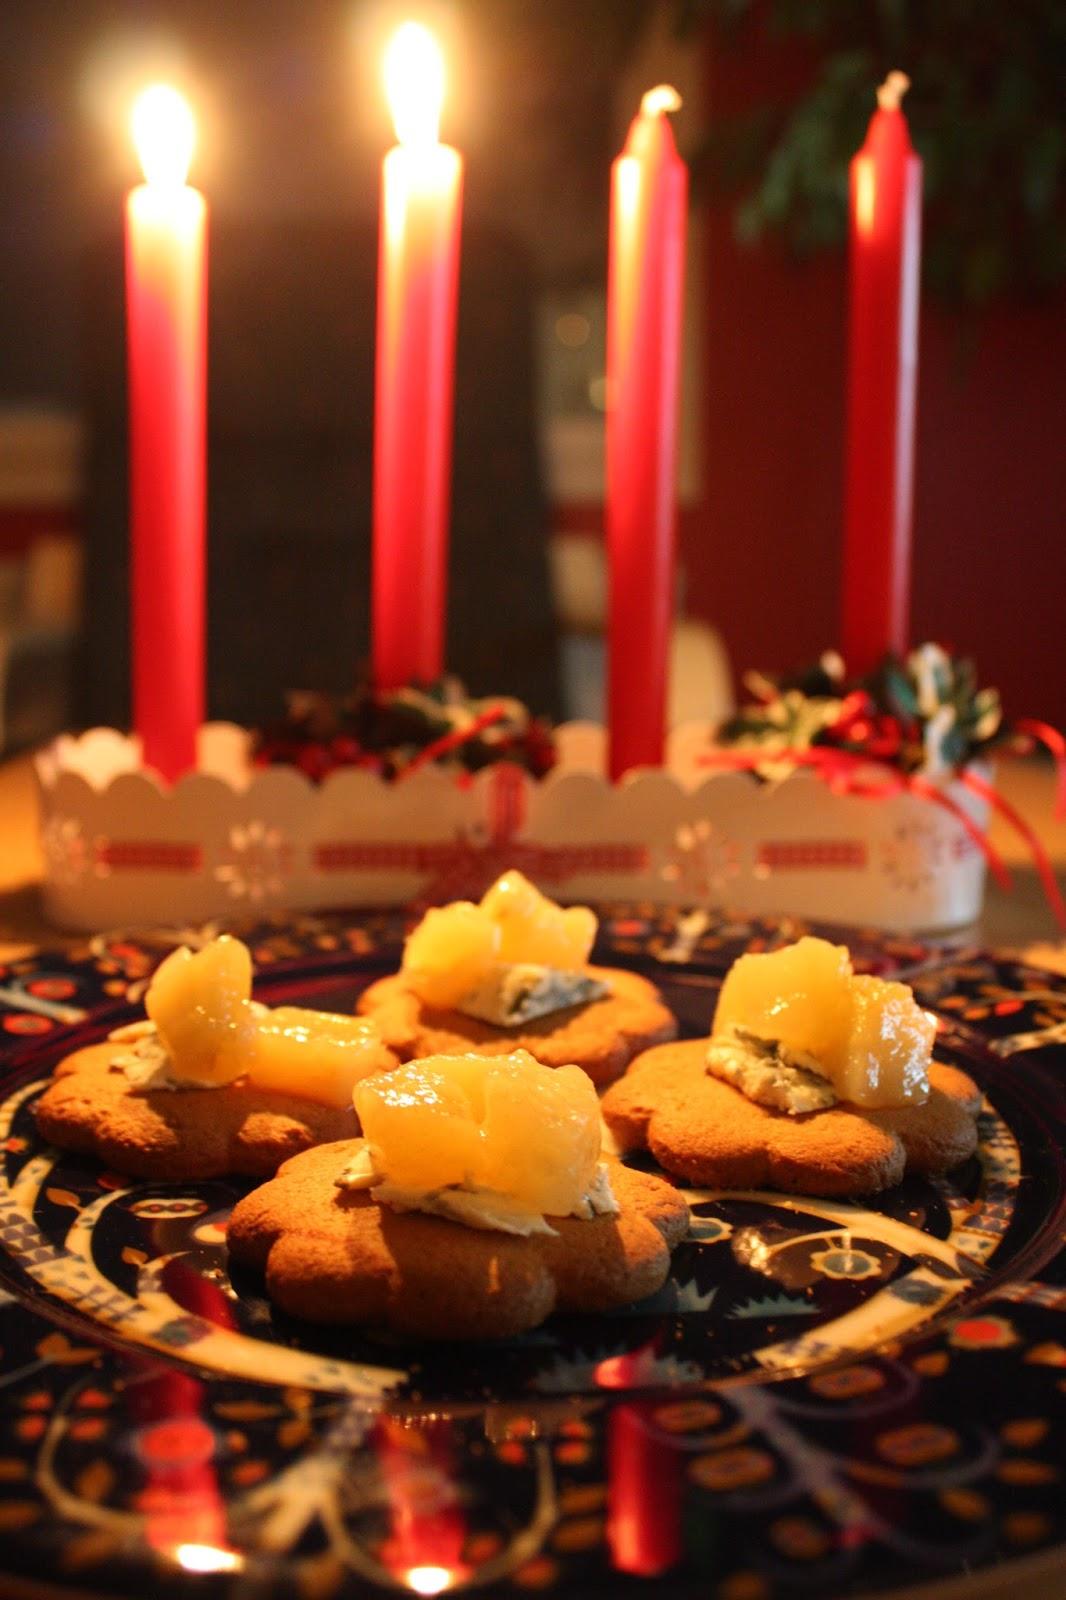 päärynähilloke hilloke joulu glögijuhlat glögi napostelu päärynä pipari